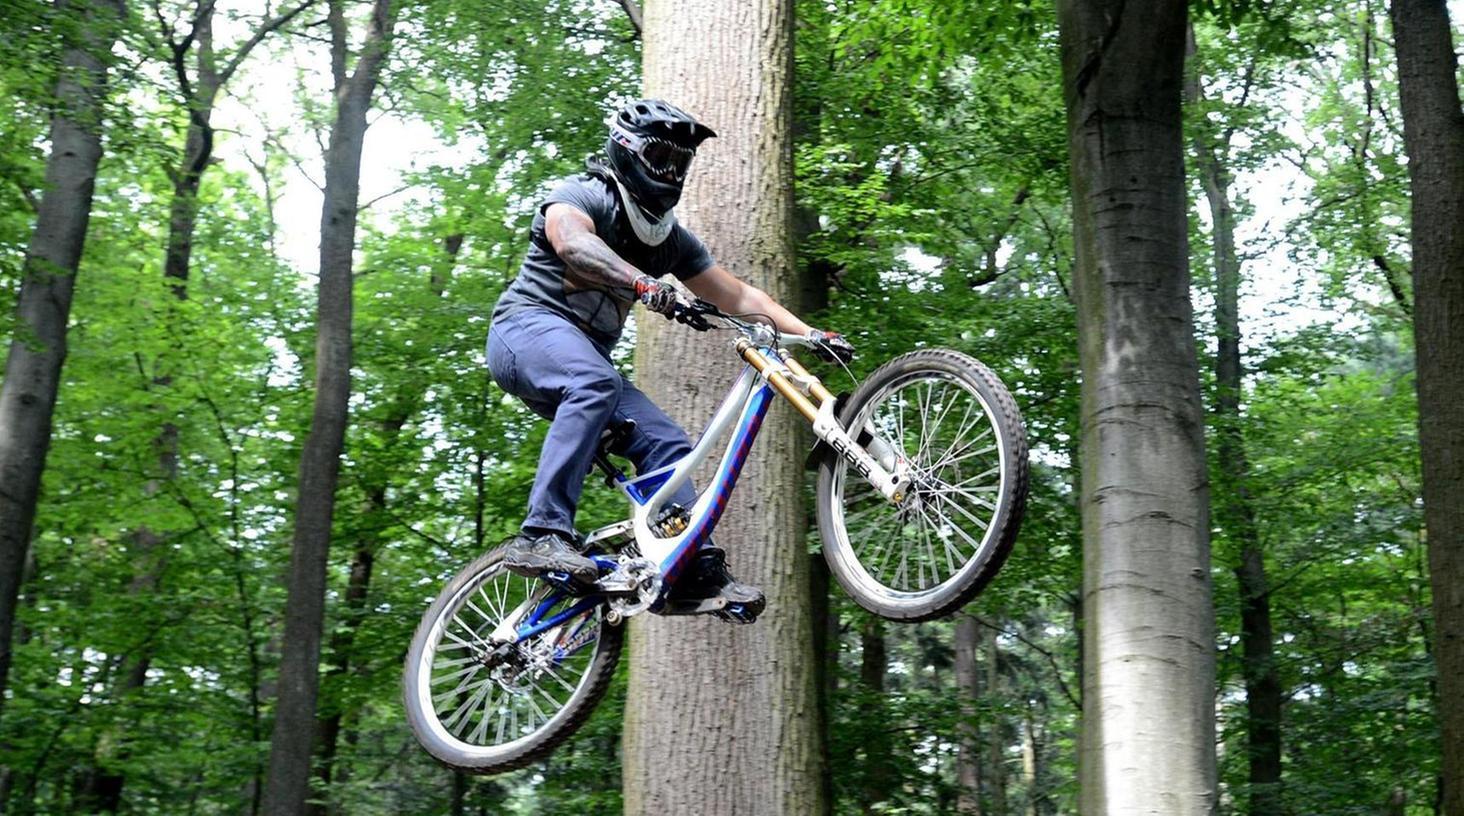 Radakrobatik im Stadtwald: Ein Mitglied der Mountainbikegruppe hebt beim Training ab. Auf dem geplanten Parcours soll es freilich moderater zugehen.